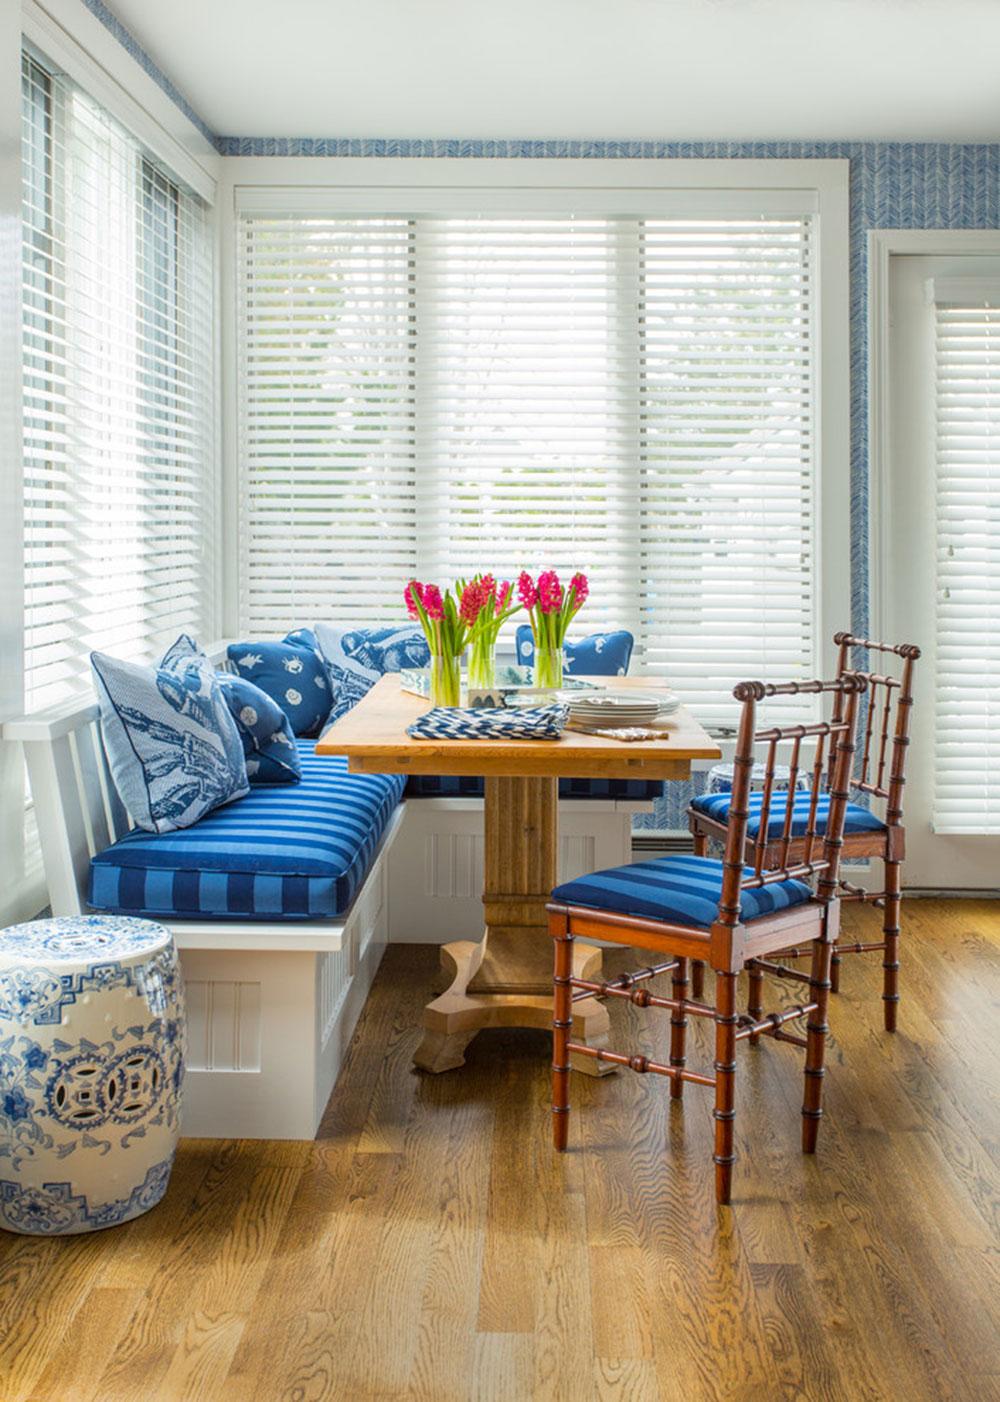 Köksbord-bänk-platser-som-samlar-hela-familjen-9 köksbord-bänk-platser som samlar hela familjen